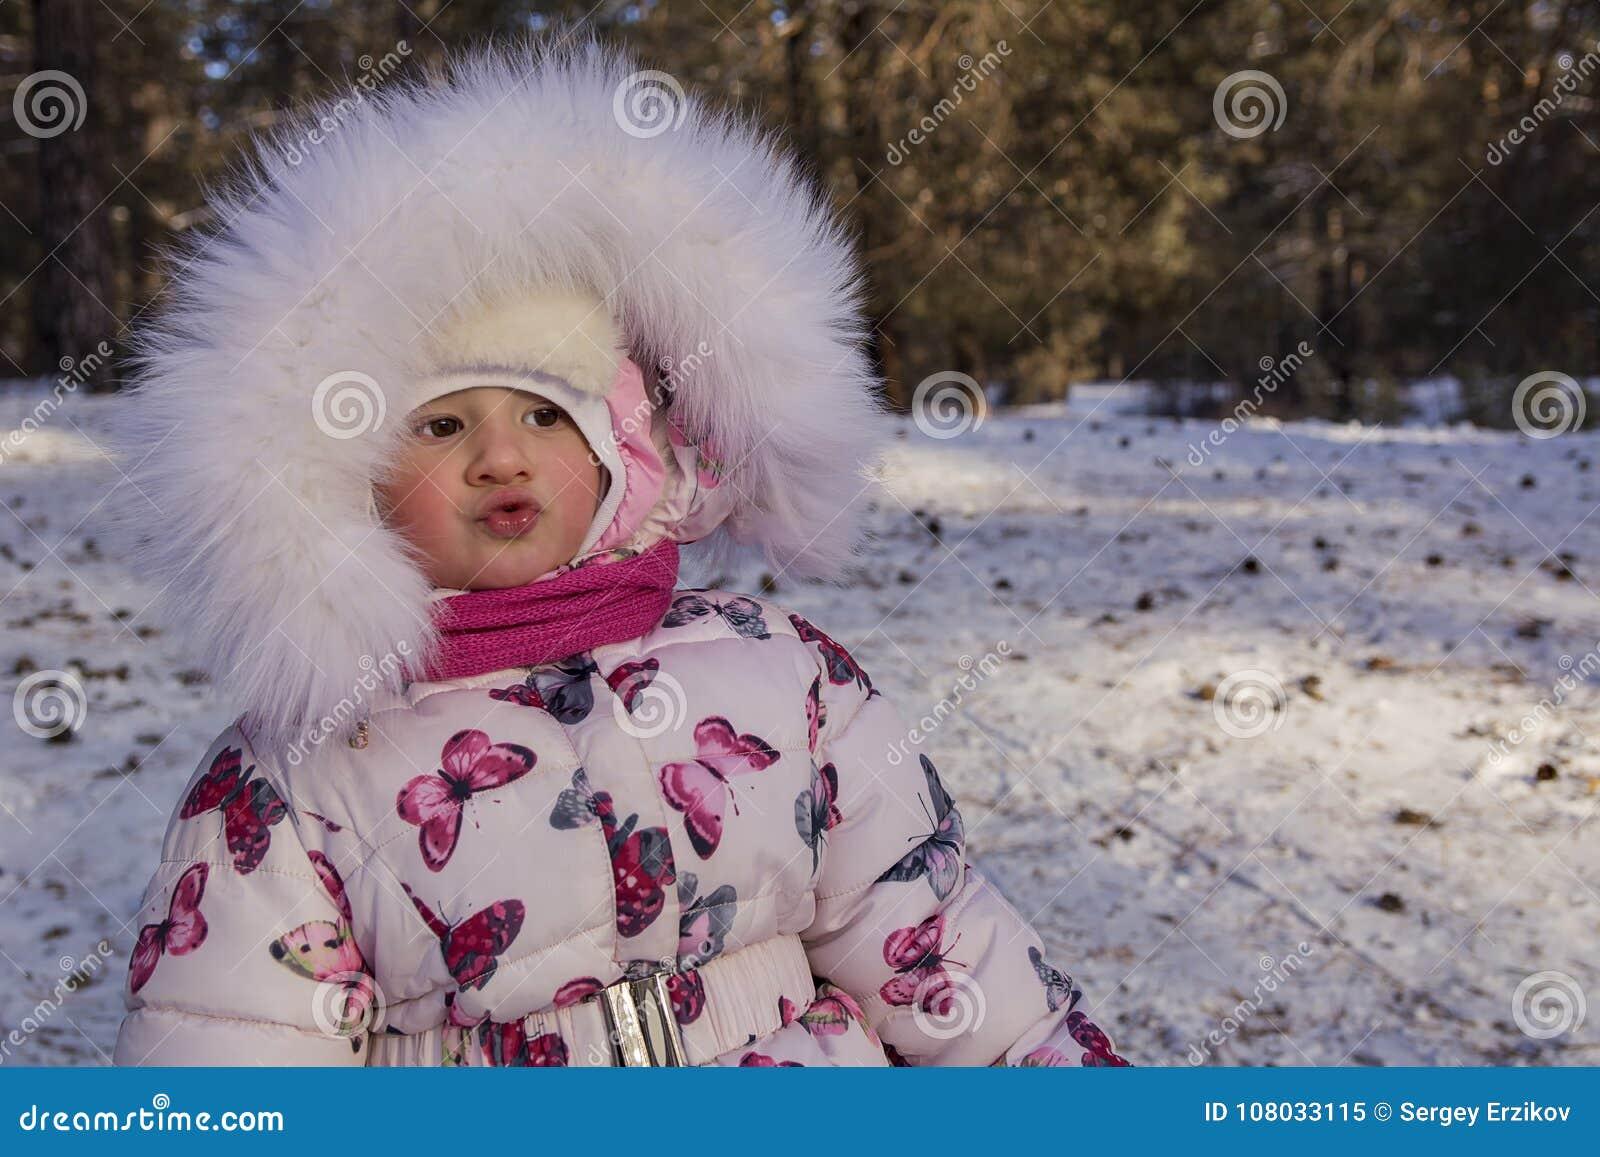 Baby am Winter Durchbrennenschnee der jungen, schönen Frau in Richtung zur Kamera auf Winterhintergrund